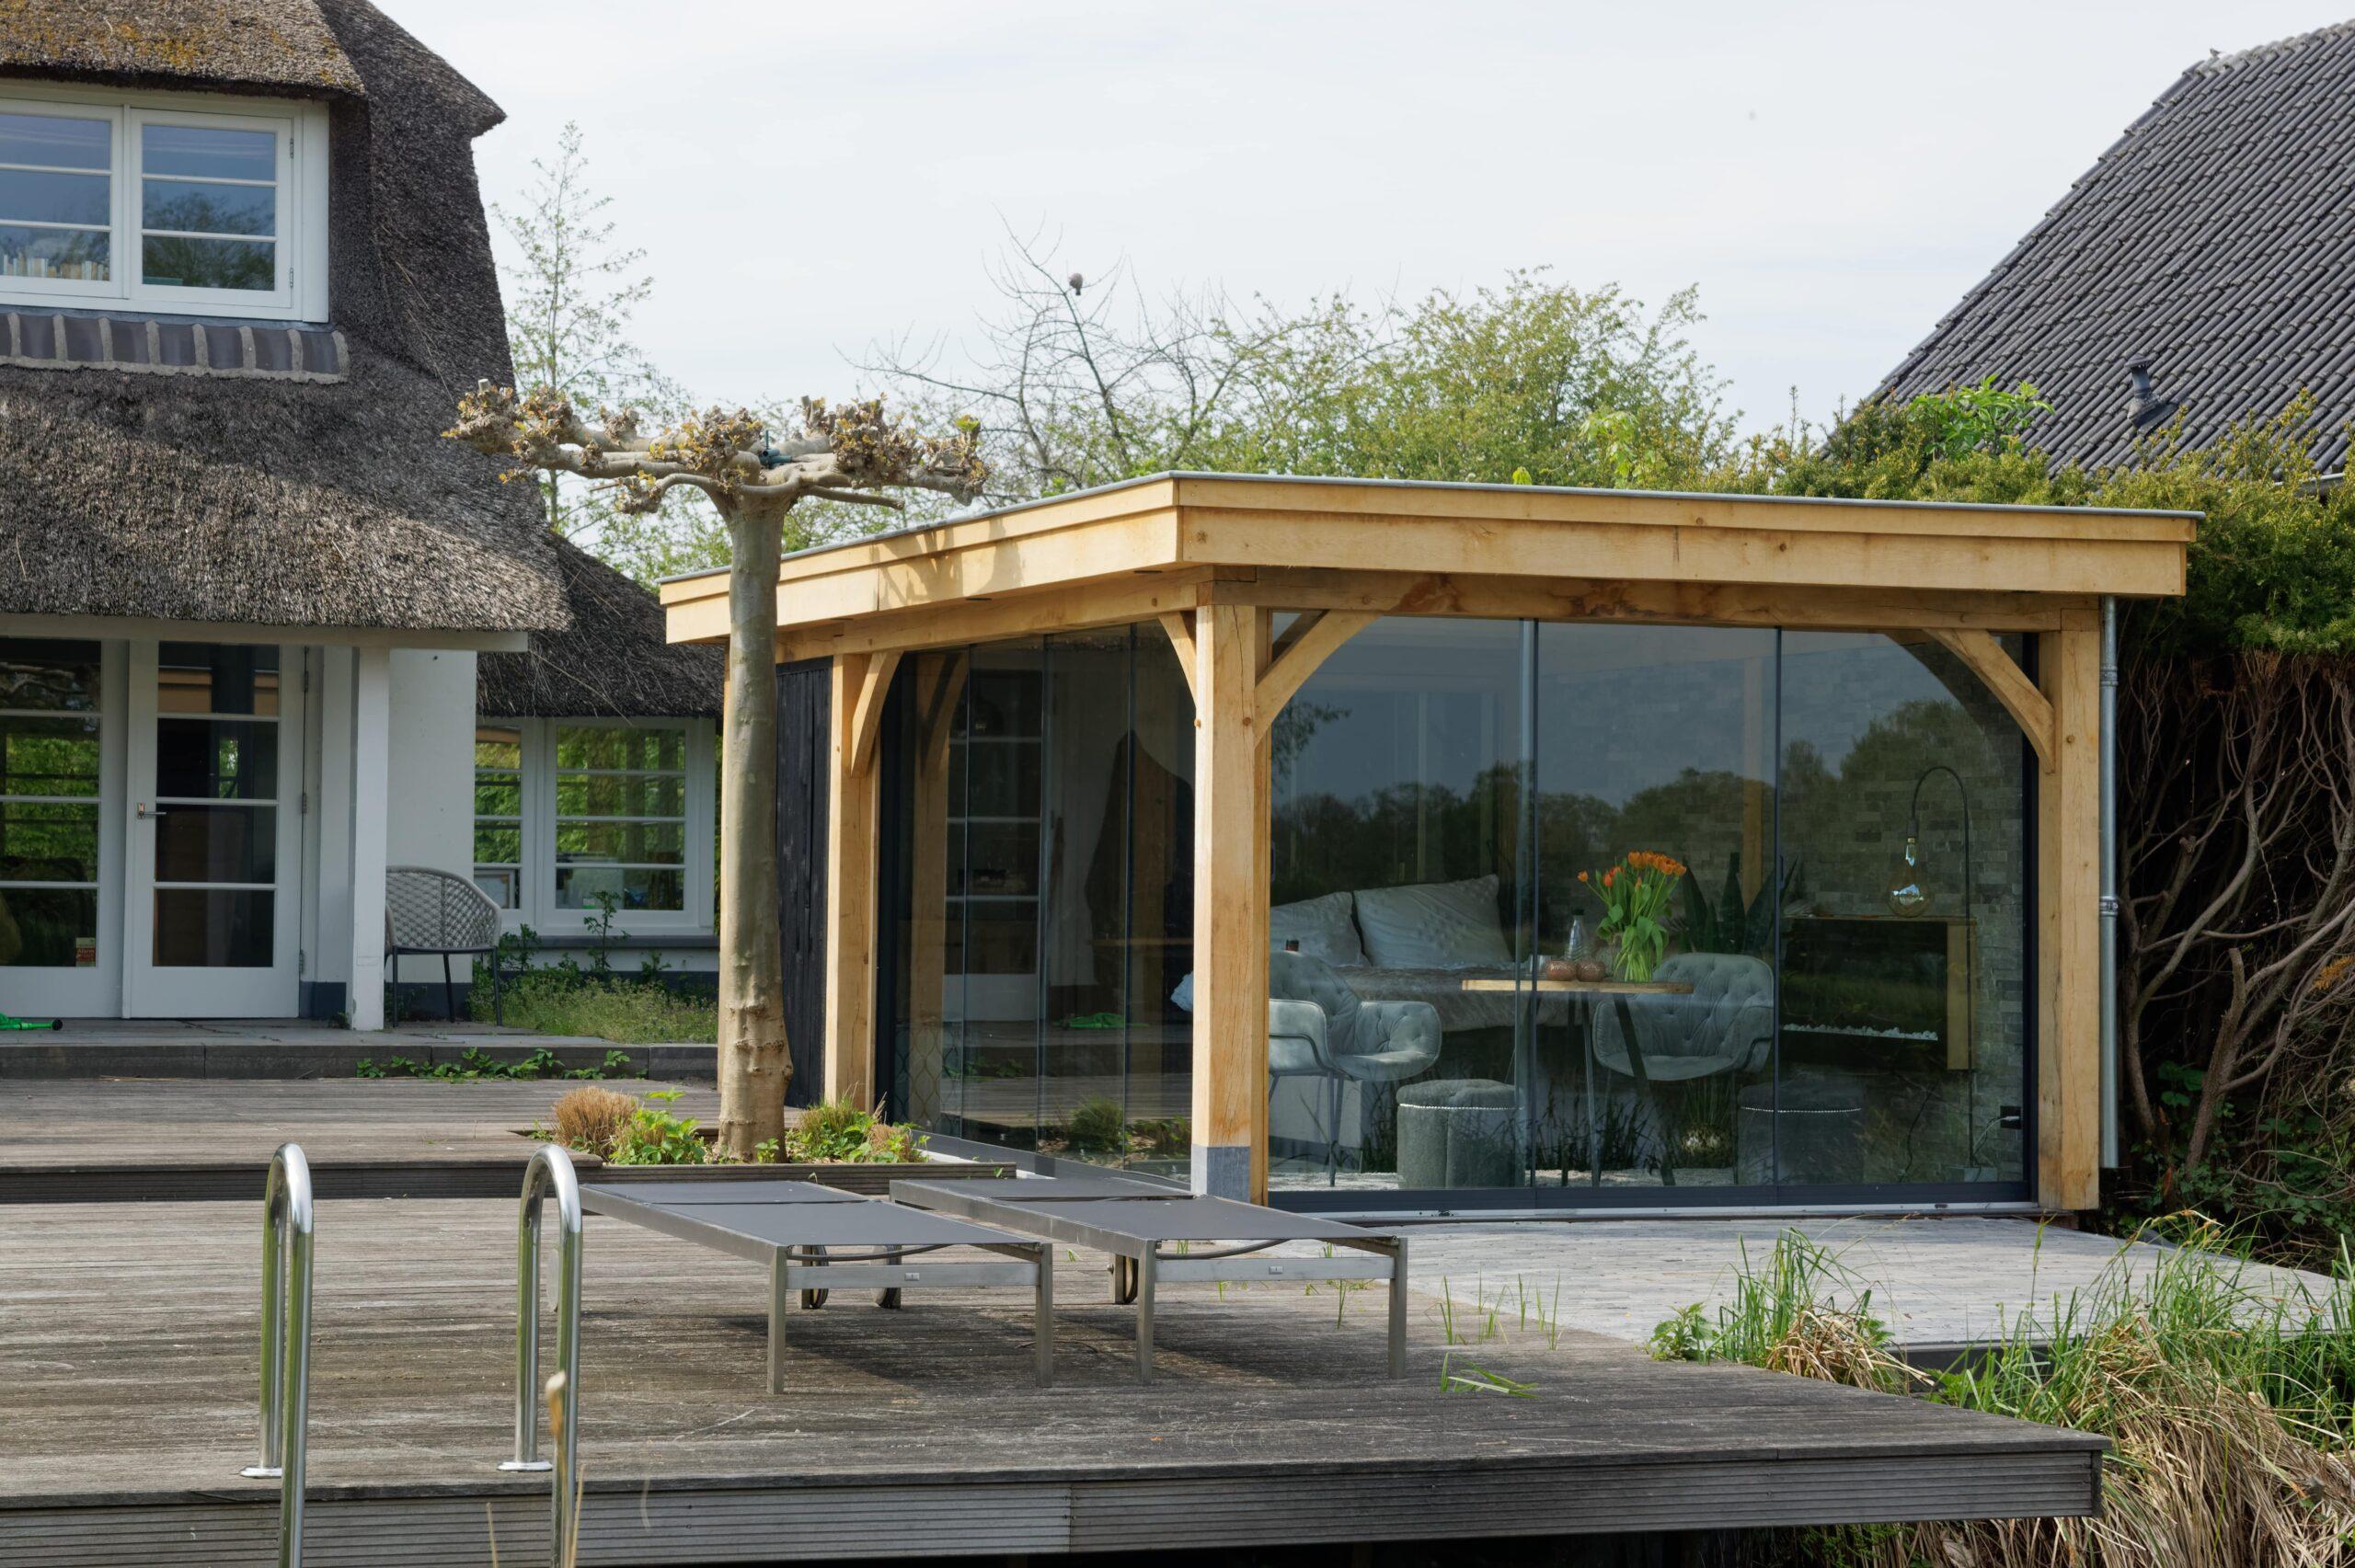 Luxe-tuinkamer-aan-het-water-4-scaled - Project Kortenhoef: Luxe tuinkamer aan het water